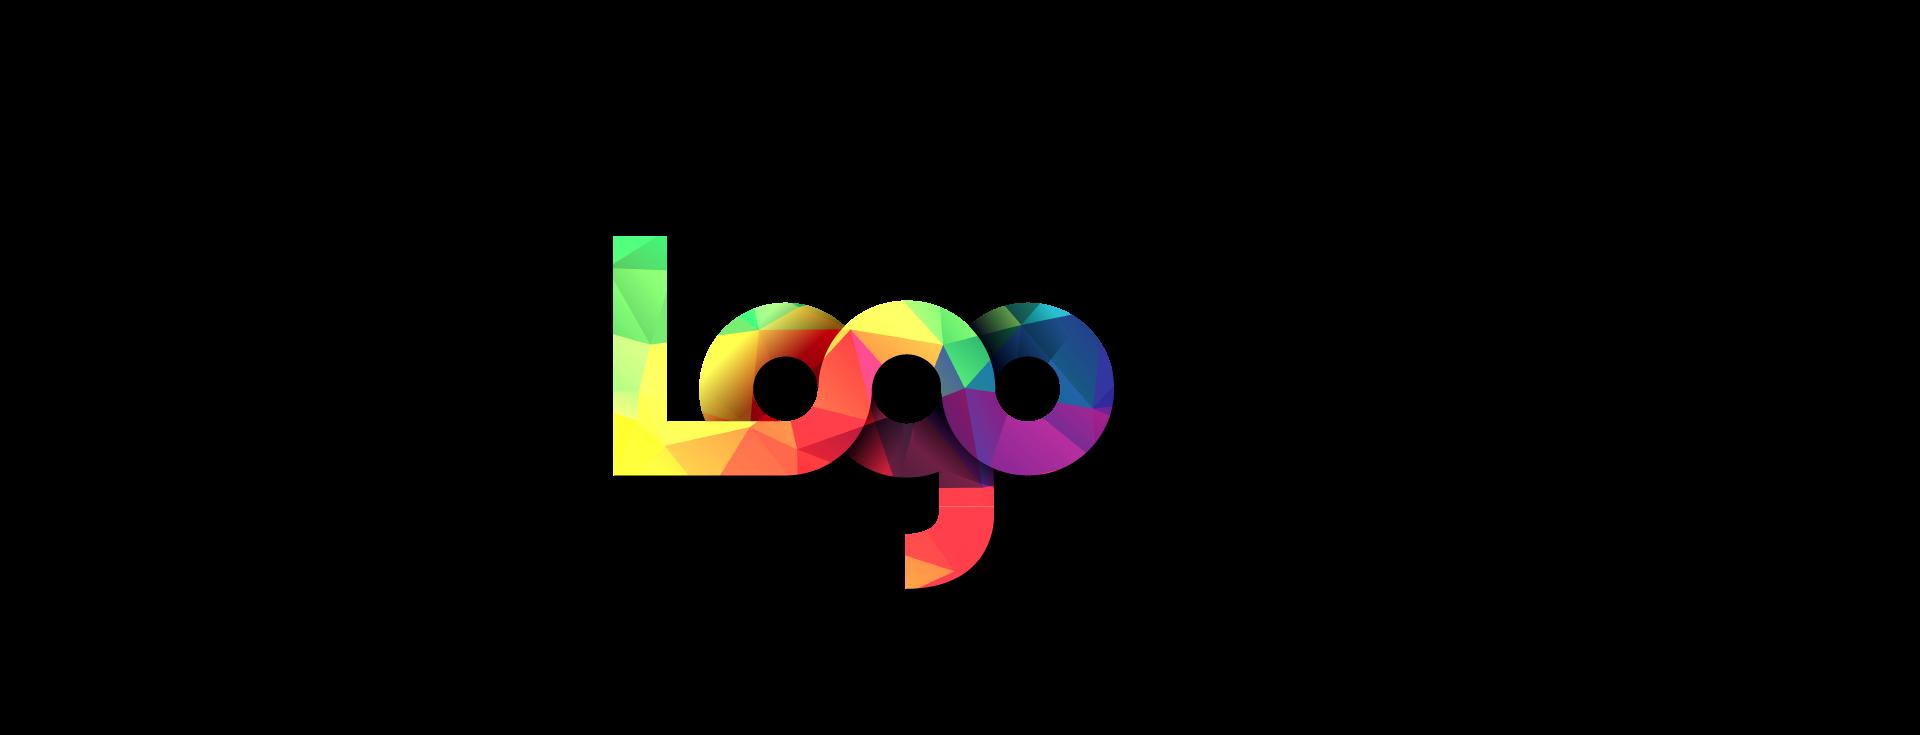 Images for logo design